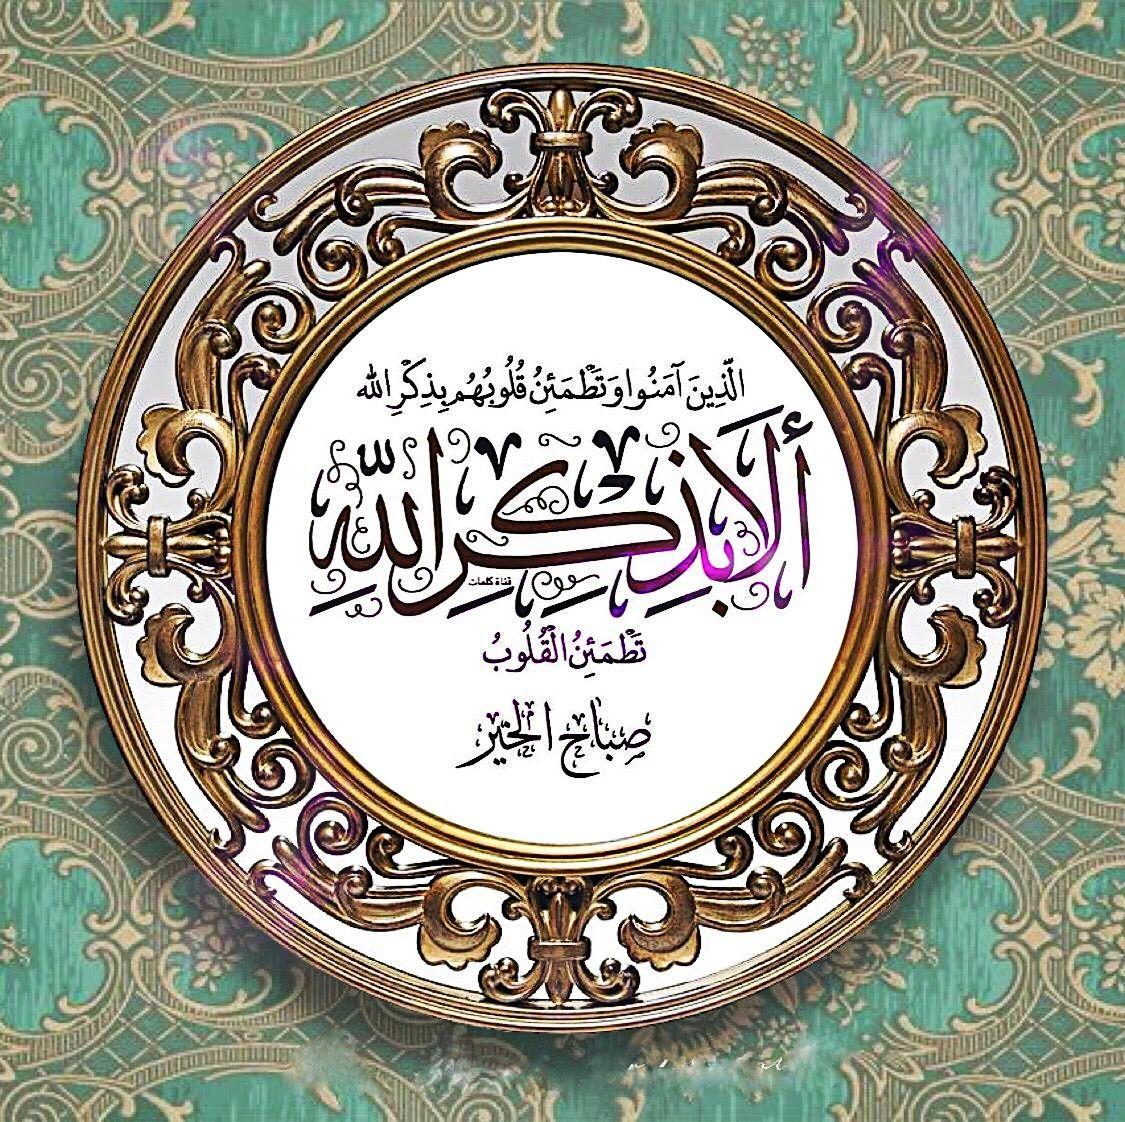 الذين آمنوا تطمئن قلوبهم صباح الخير Decorative Plates Decor Home Decor